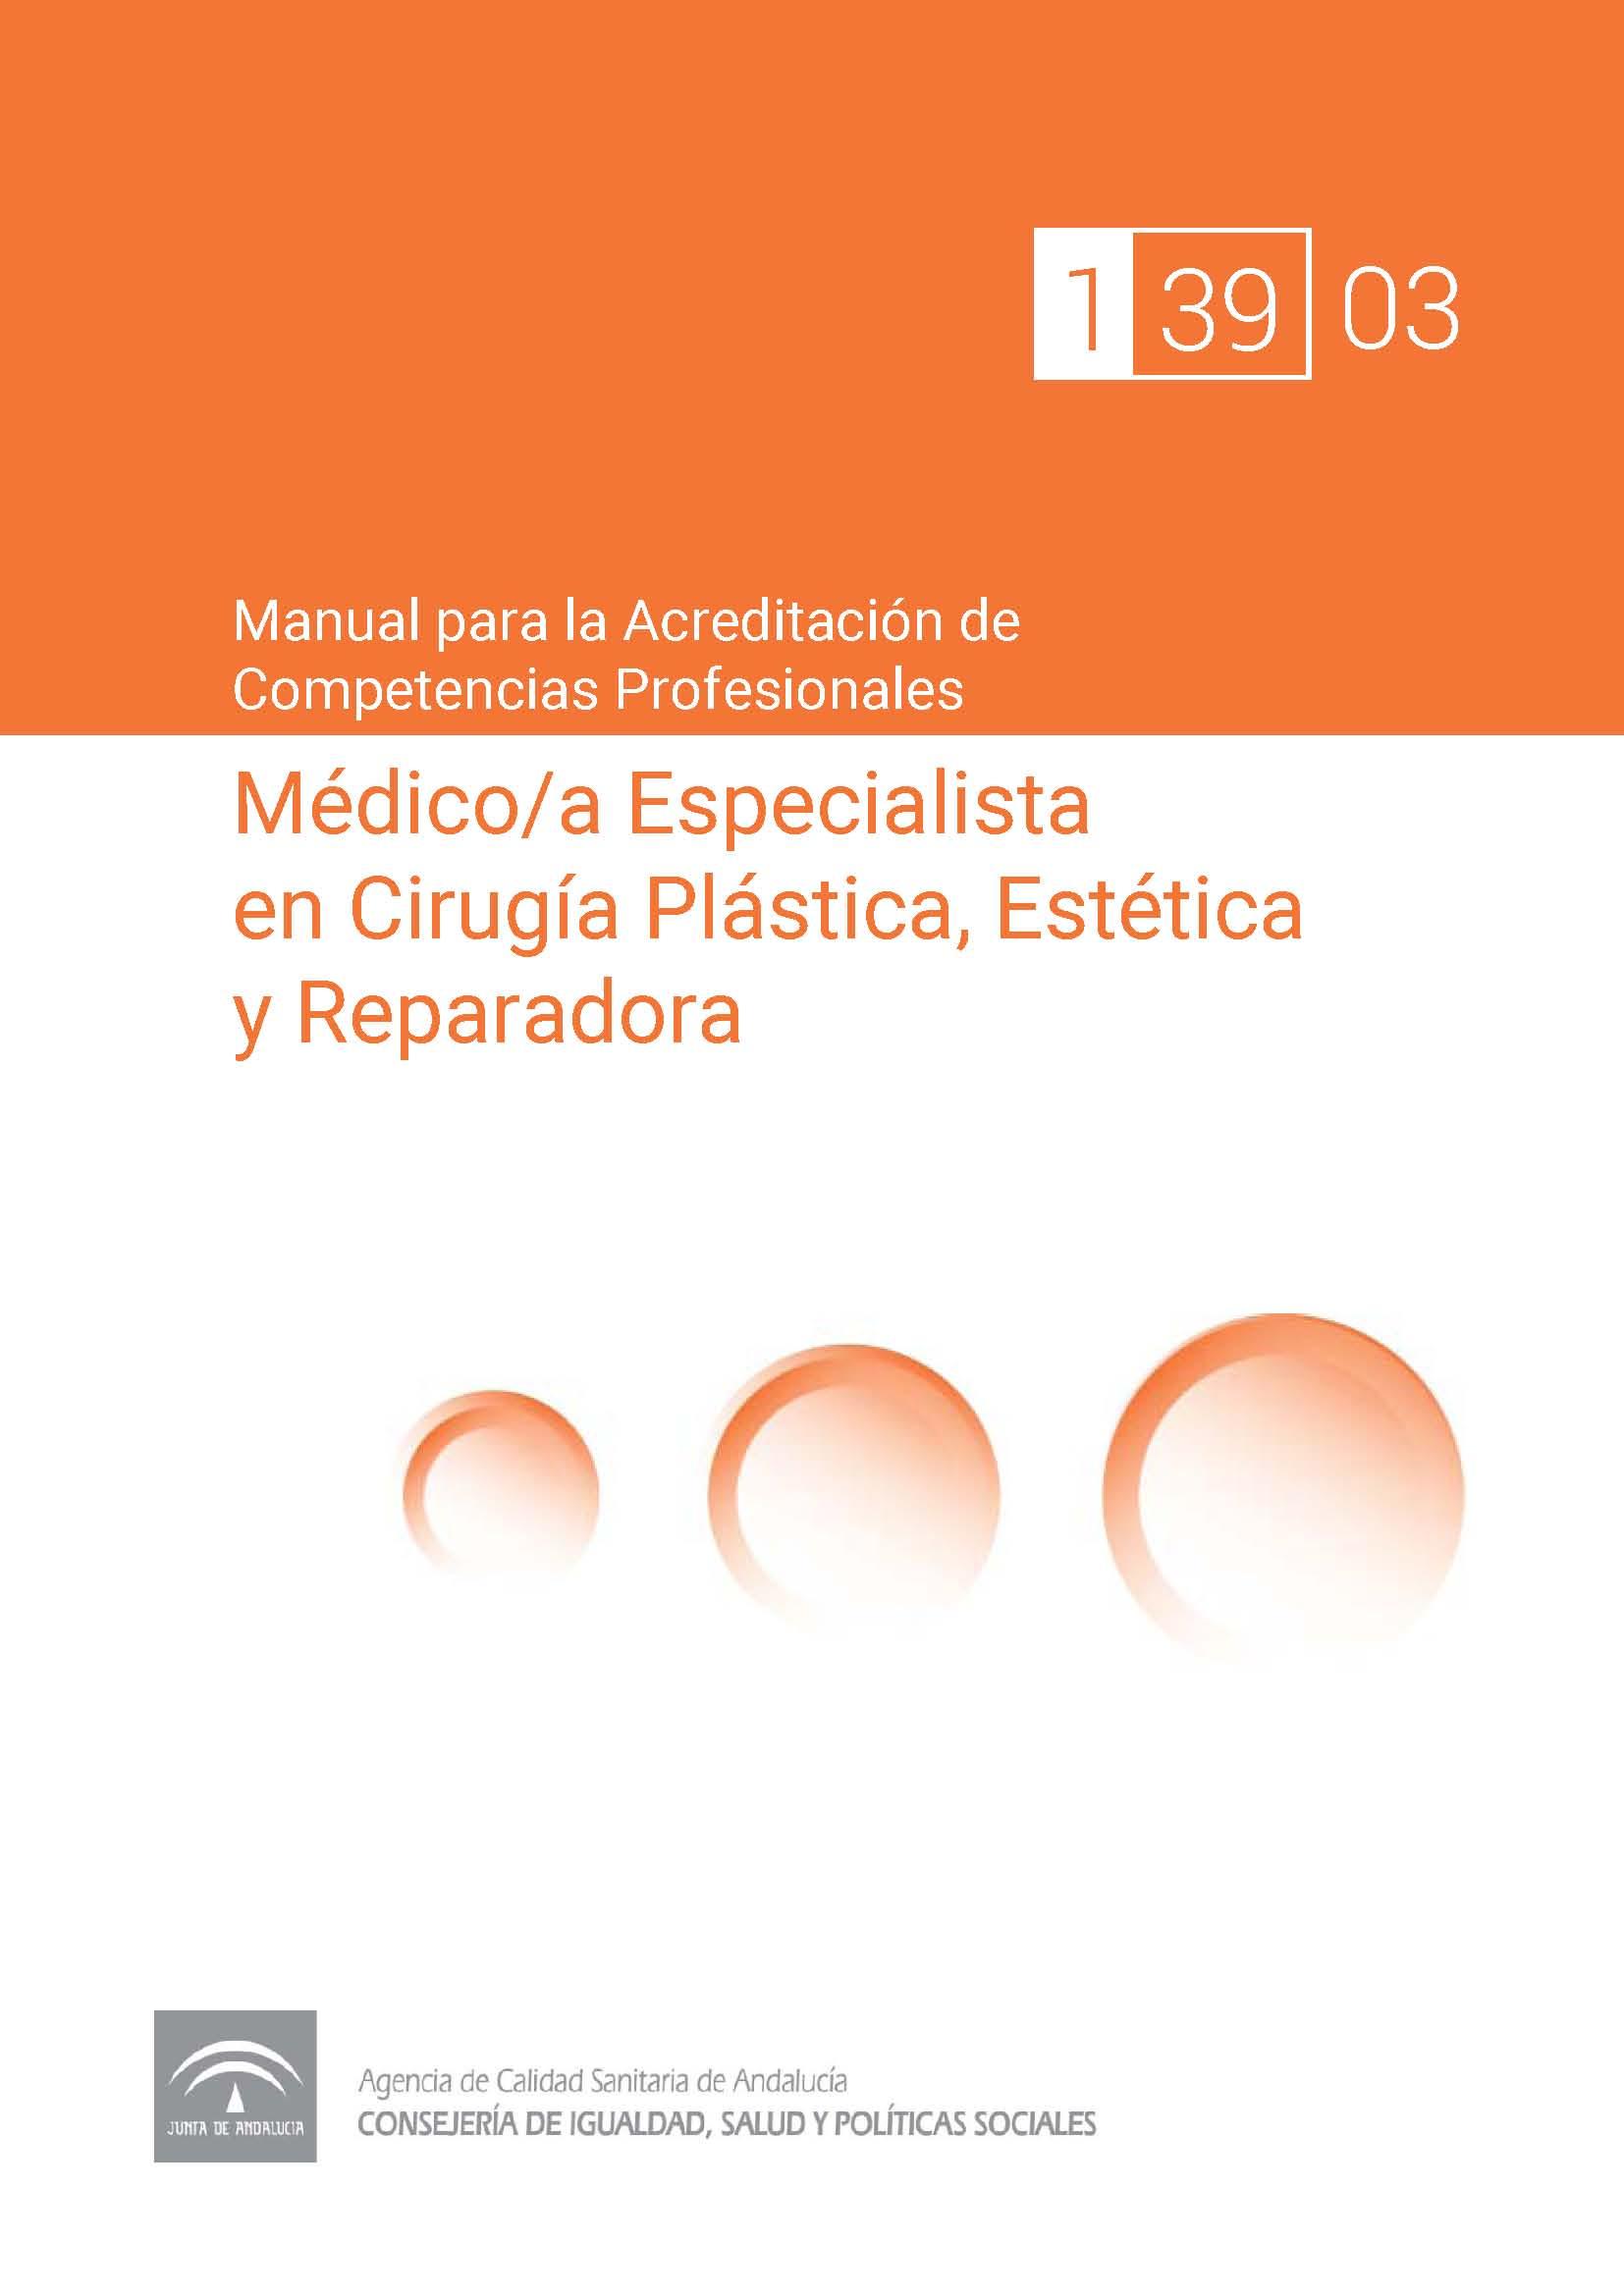 Manual de competencias profesionales del/de la Médico/a Especialista en Cirugía Plástica, Estética y Reparadora